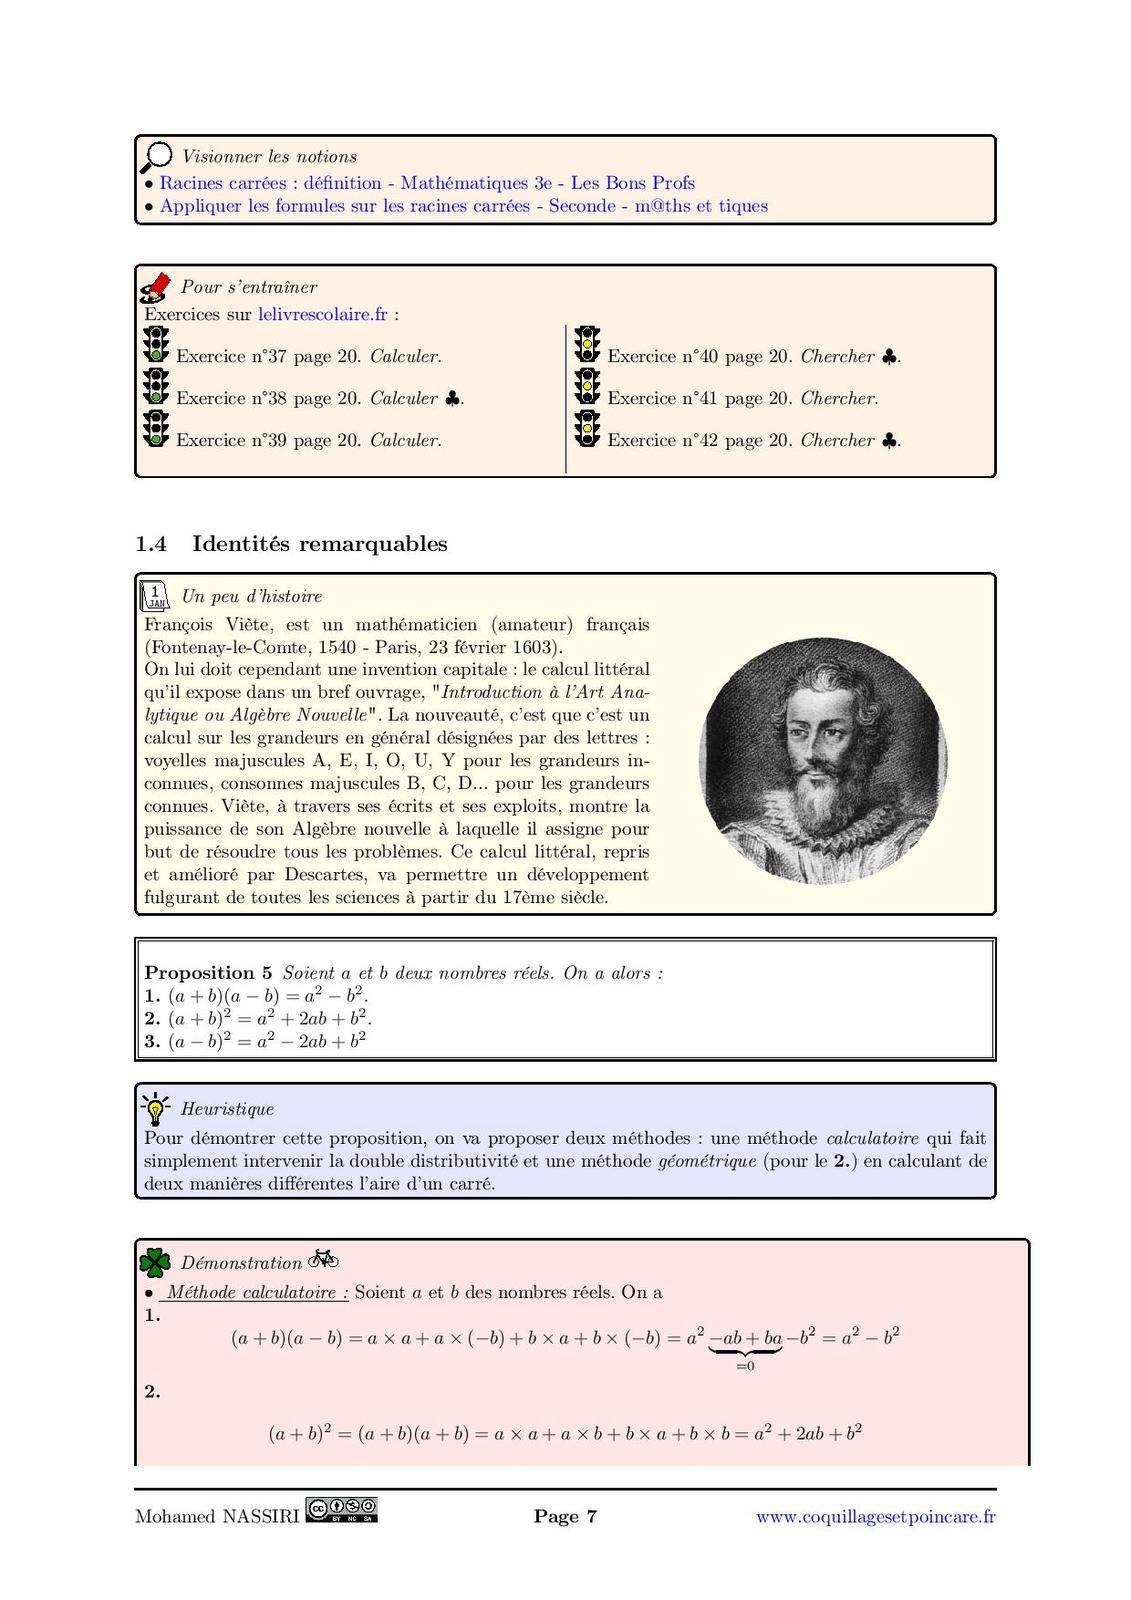 Utiliser le calcul littéral, résolutions d'inéquations : Le cours complet avec démonstrations (15 pages)